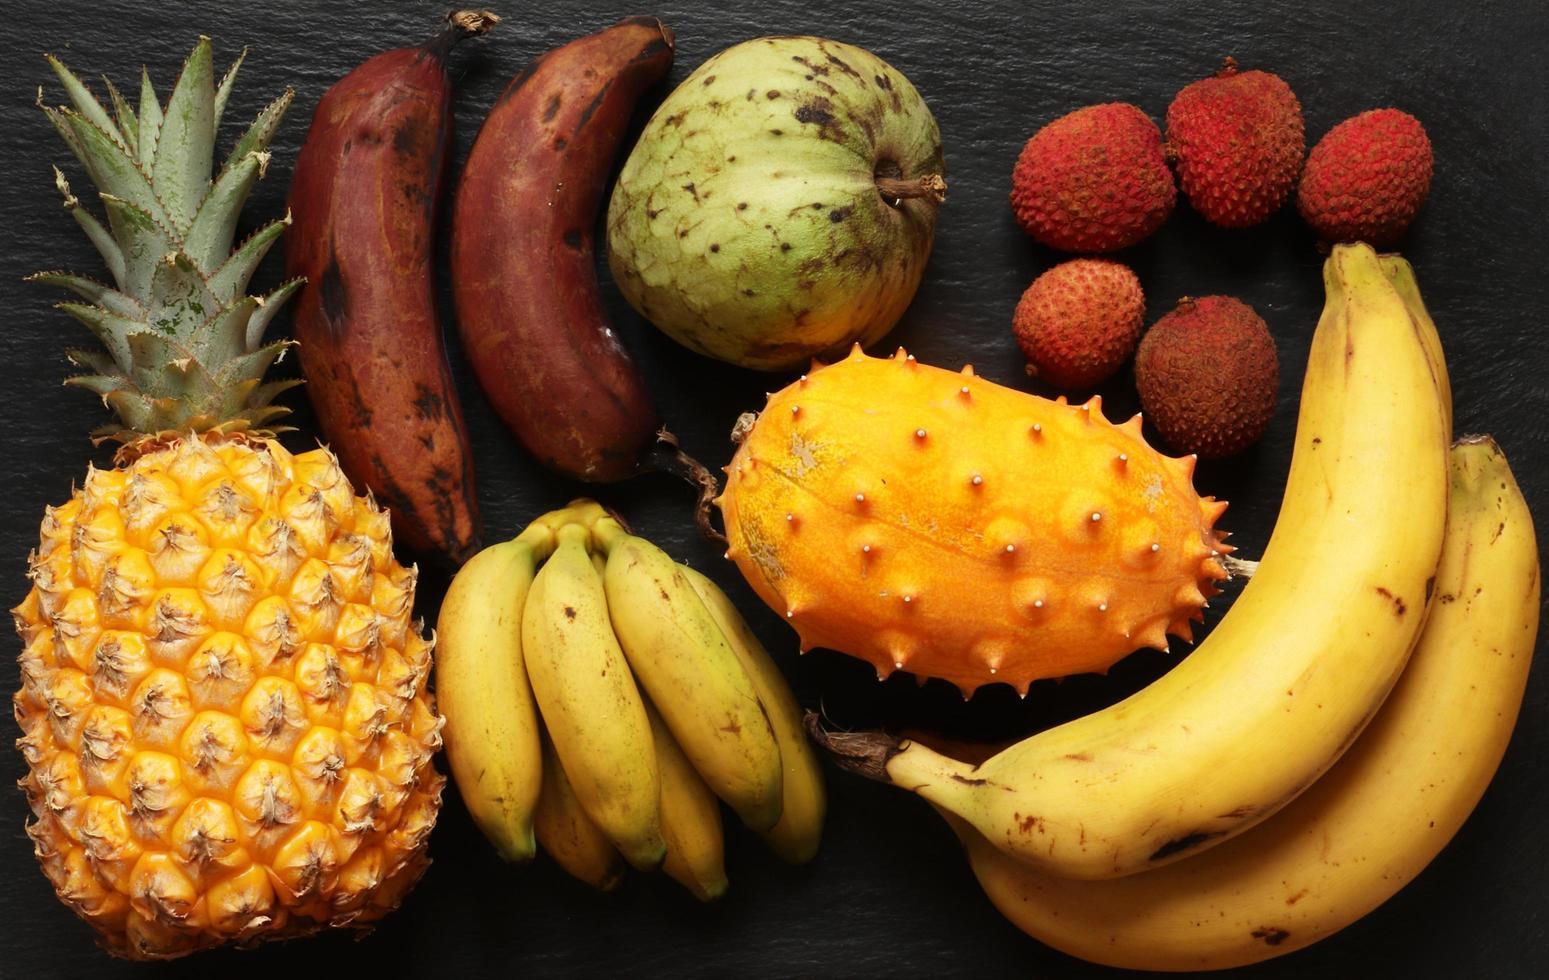 Foto von mehreren tropischen Früchten auf Schieferhintergrund für Lebensmittelillustration